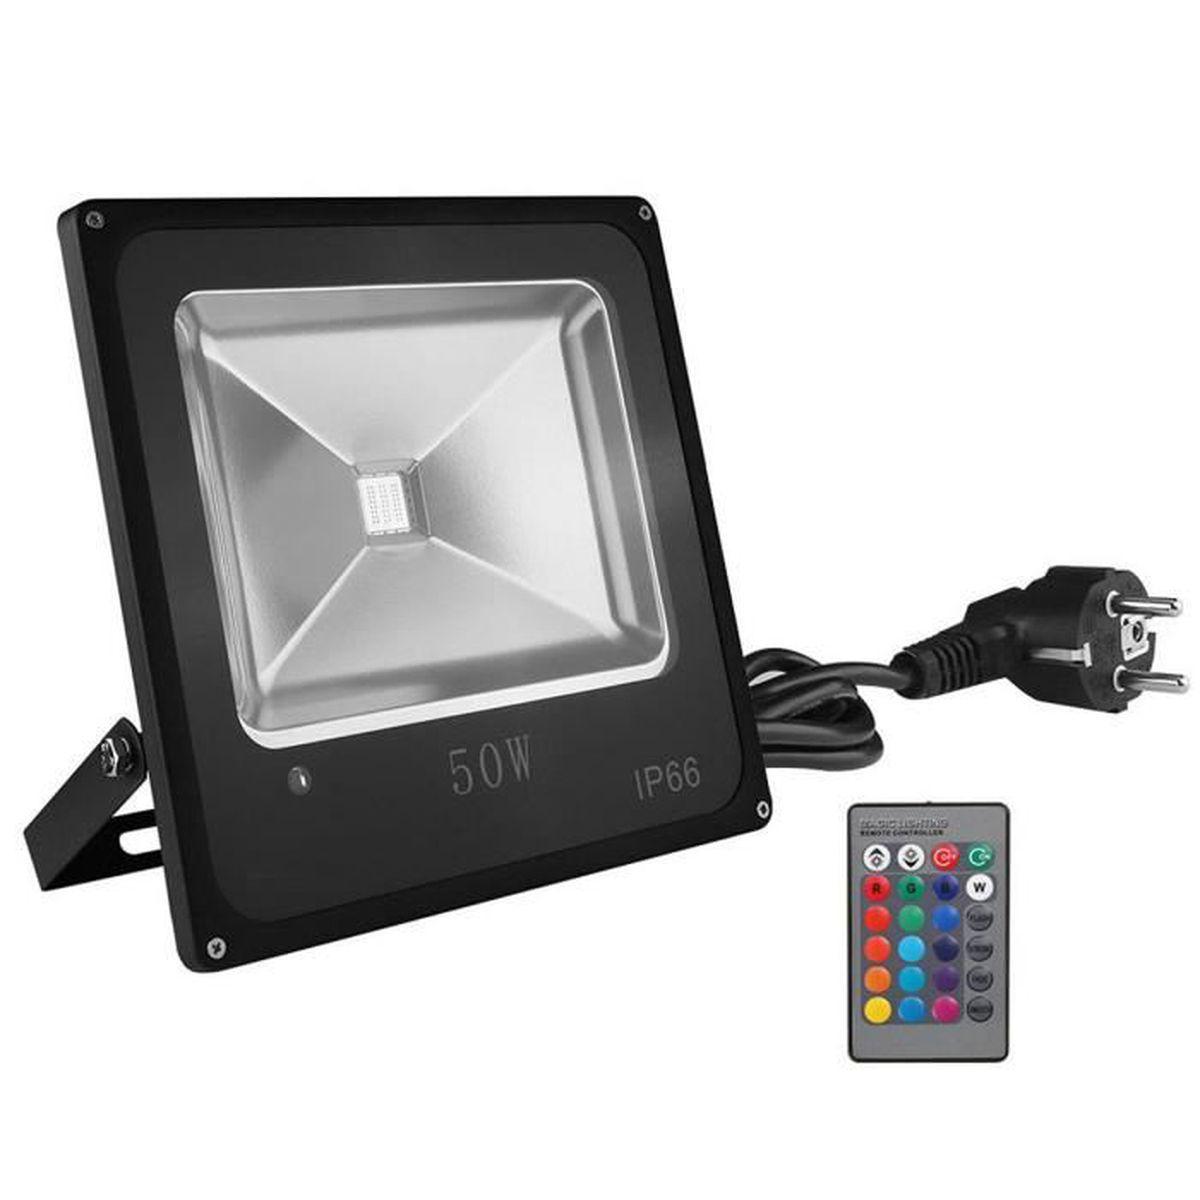 XINBAN Projecteur RGB 50W  LED avec Télé mande 16 Couleurs et 4